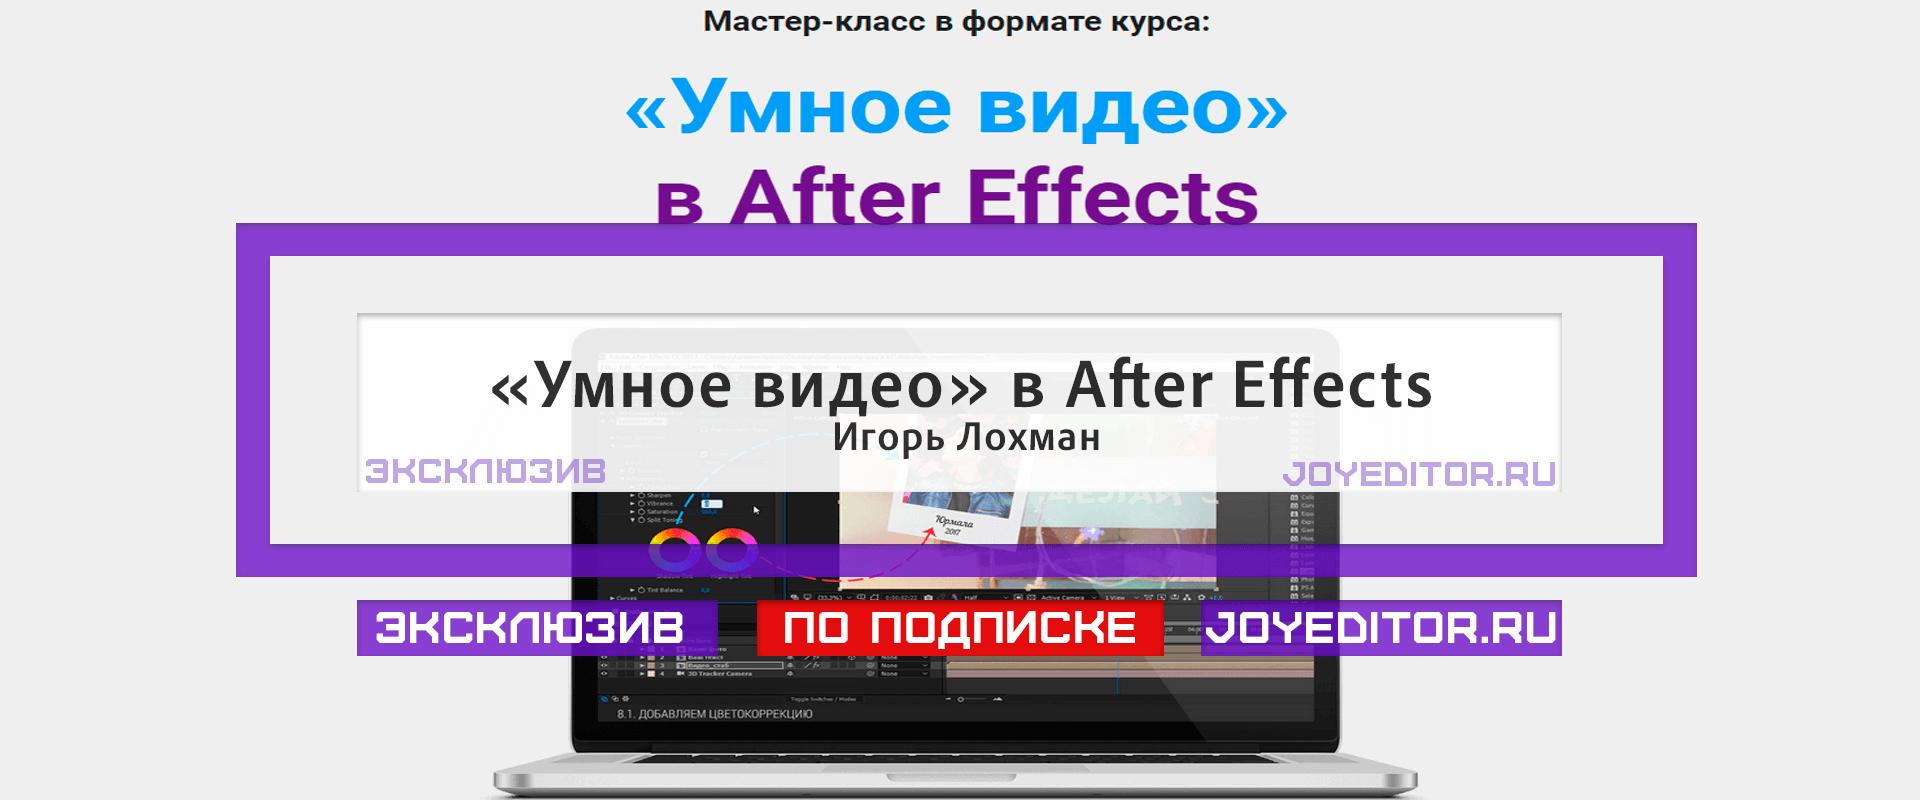 Игорь Лохман «Умное видео» в After Effects